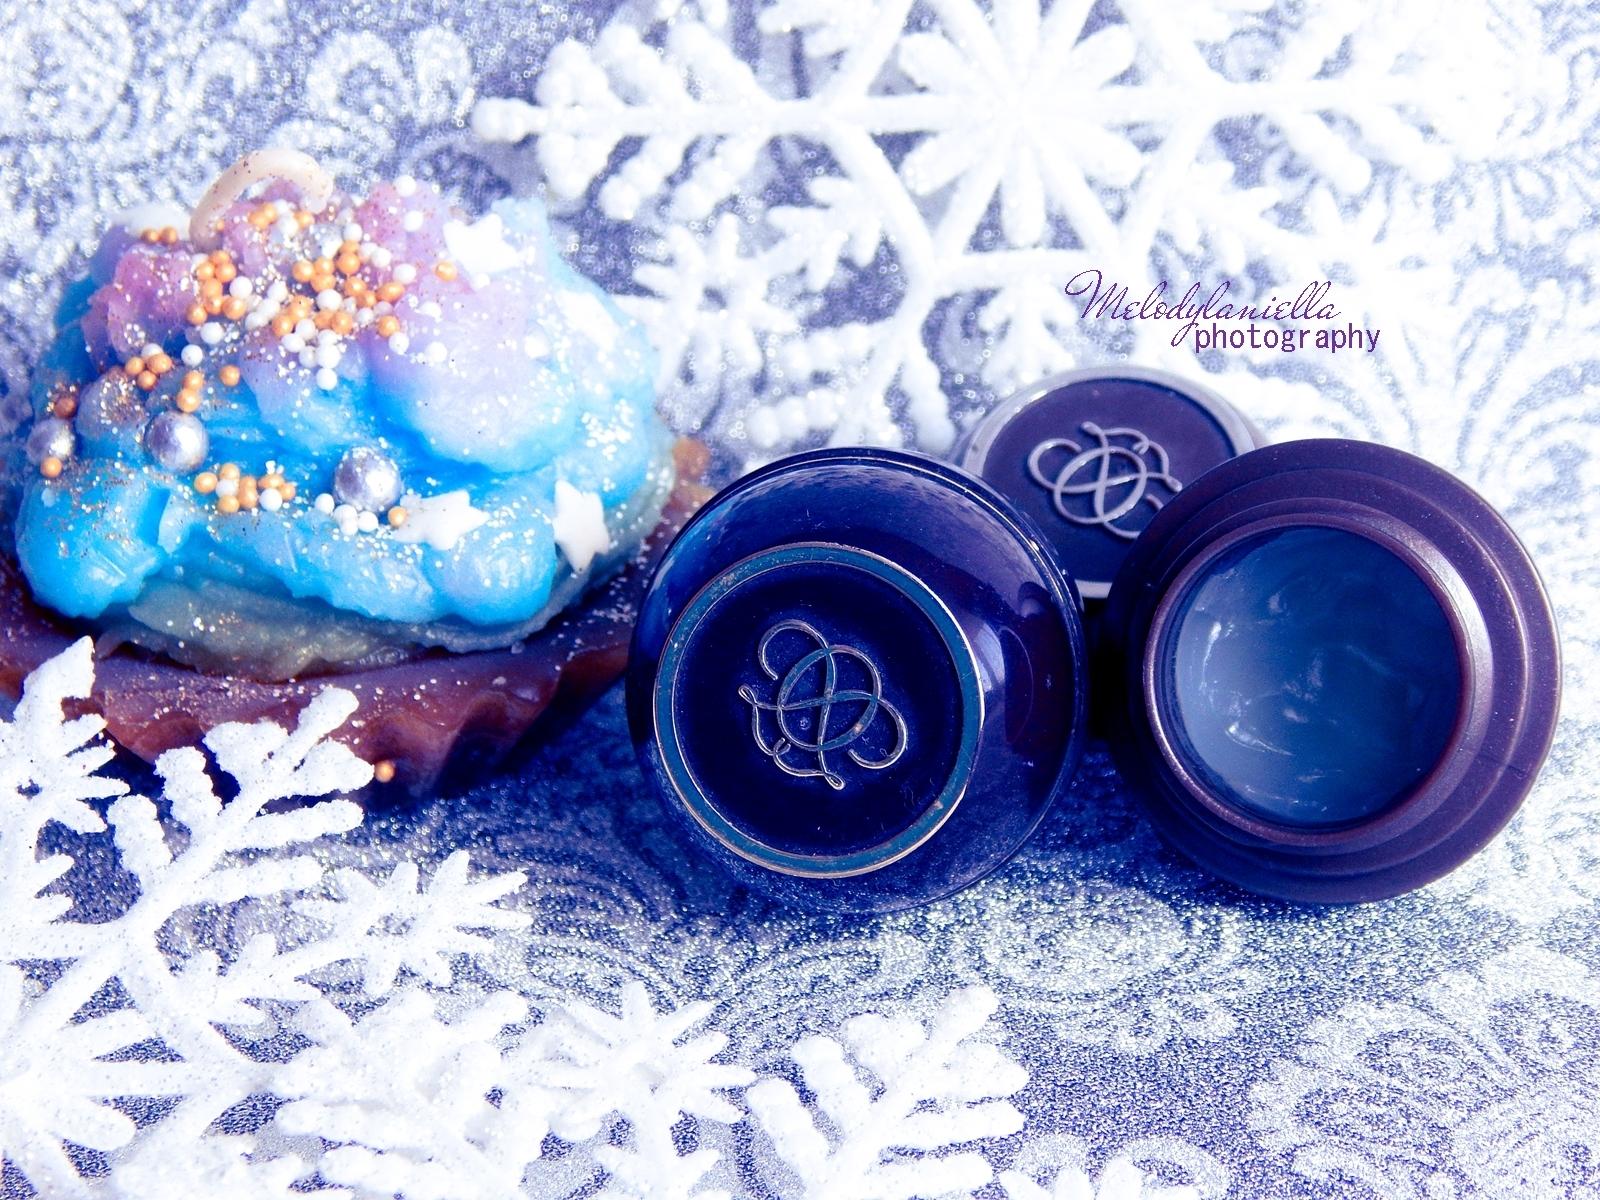 8 jak chronić usta przed mrozem 10 balsamów do ust top produkty do ust ziaja softlips wazelinka na randke maybelline zoella beauty melodylaniella bell isana oriflame pomadki balsamy blyszczyki